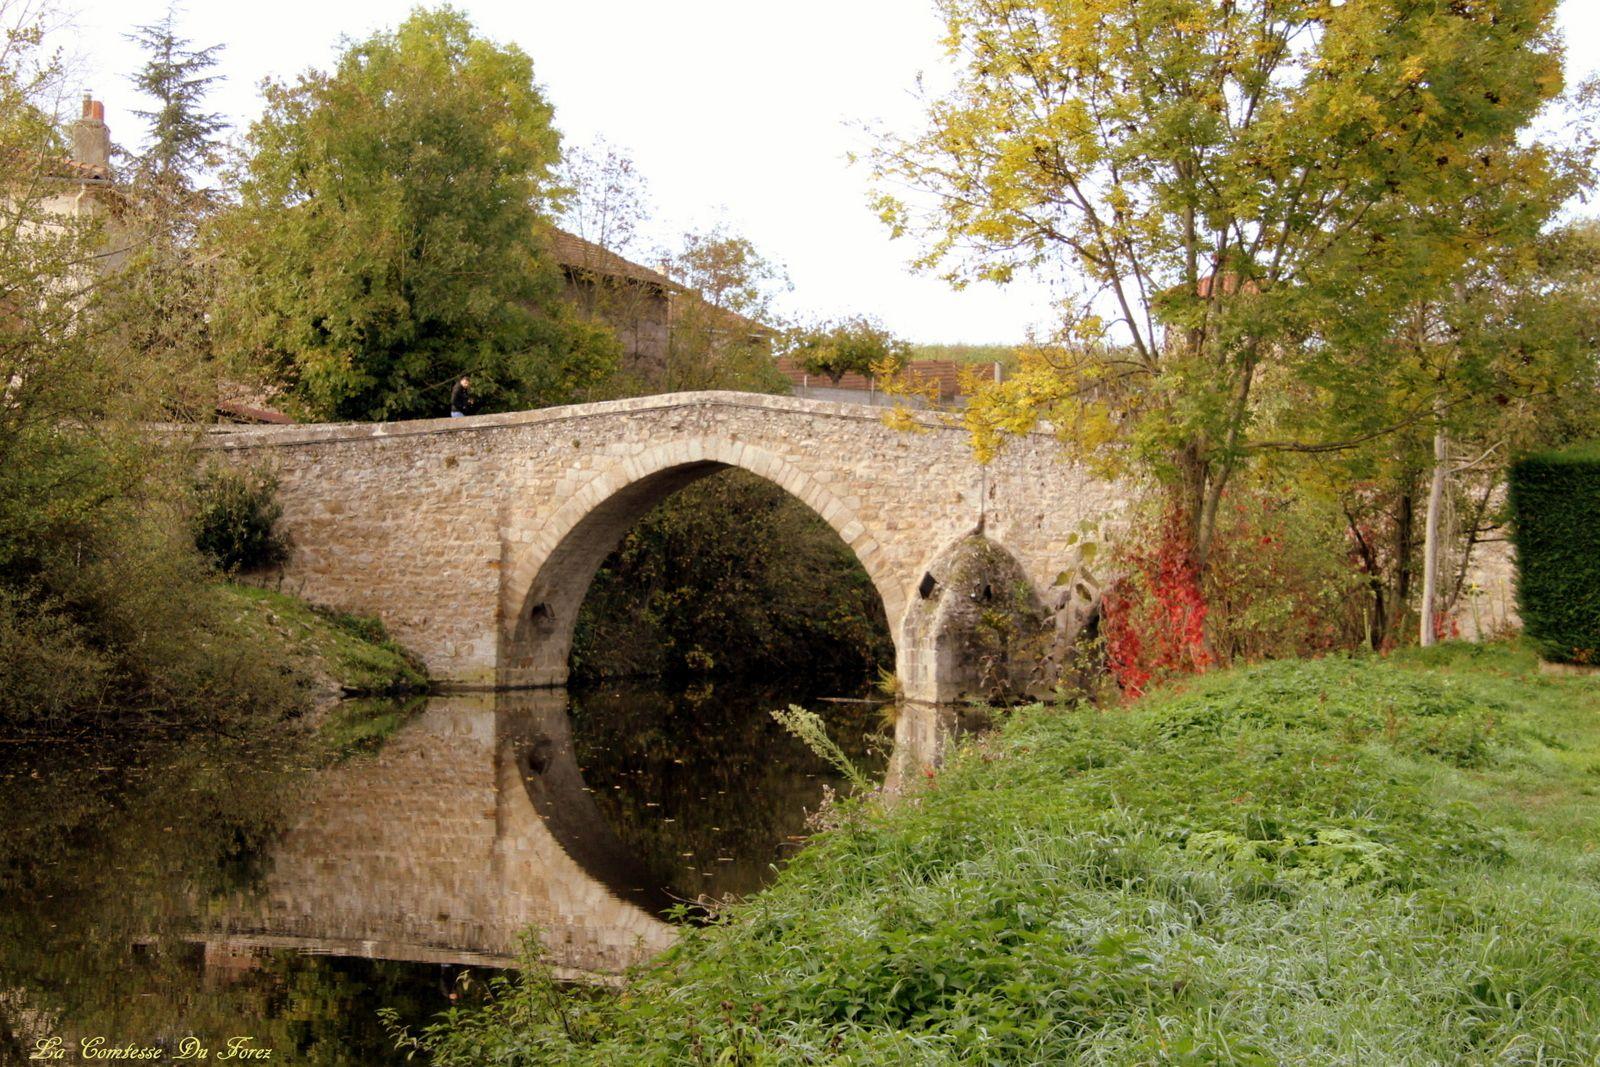 """Le pont Gavé, qu'on trouve aussi sous le nom de """"Pont Gavet"""", """"Gavey"""" ou """"Gaviel"""" aurait été construit au XIVème siècle. Il était déjà mentionné en 1381. Il conduit au Manoir de Teillères, construit au milieu du XIVè, par Guy VII, comte de Forez."""